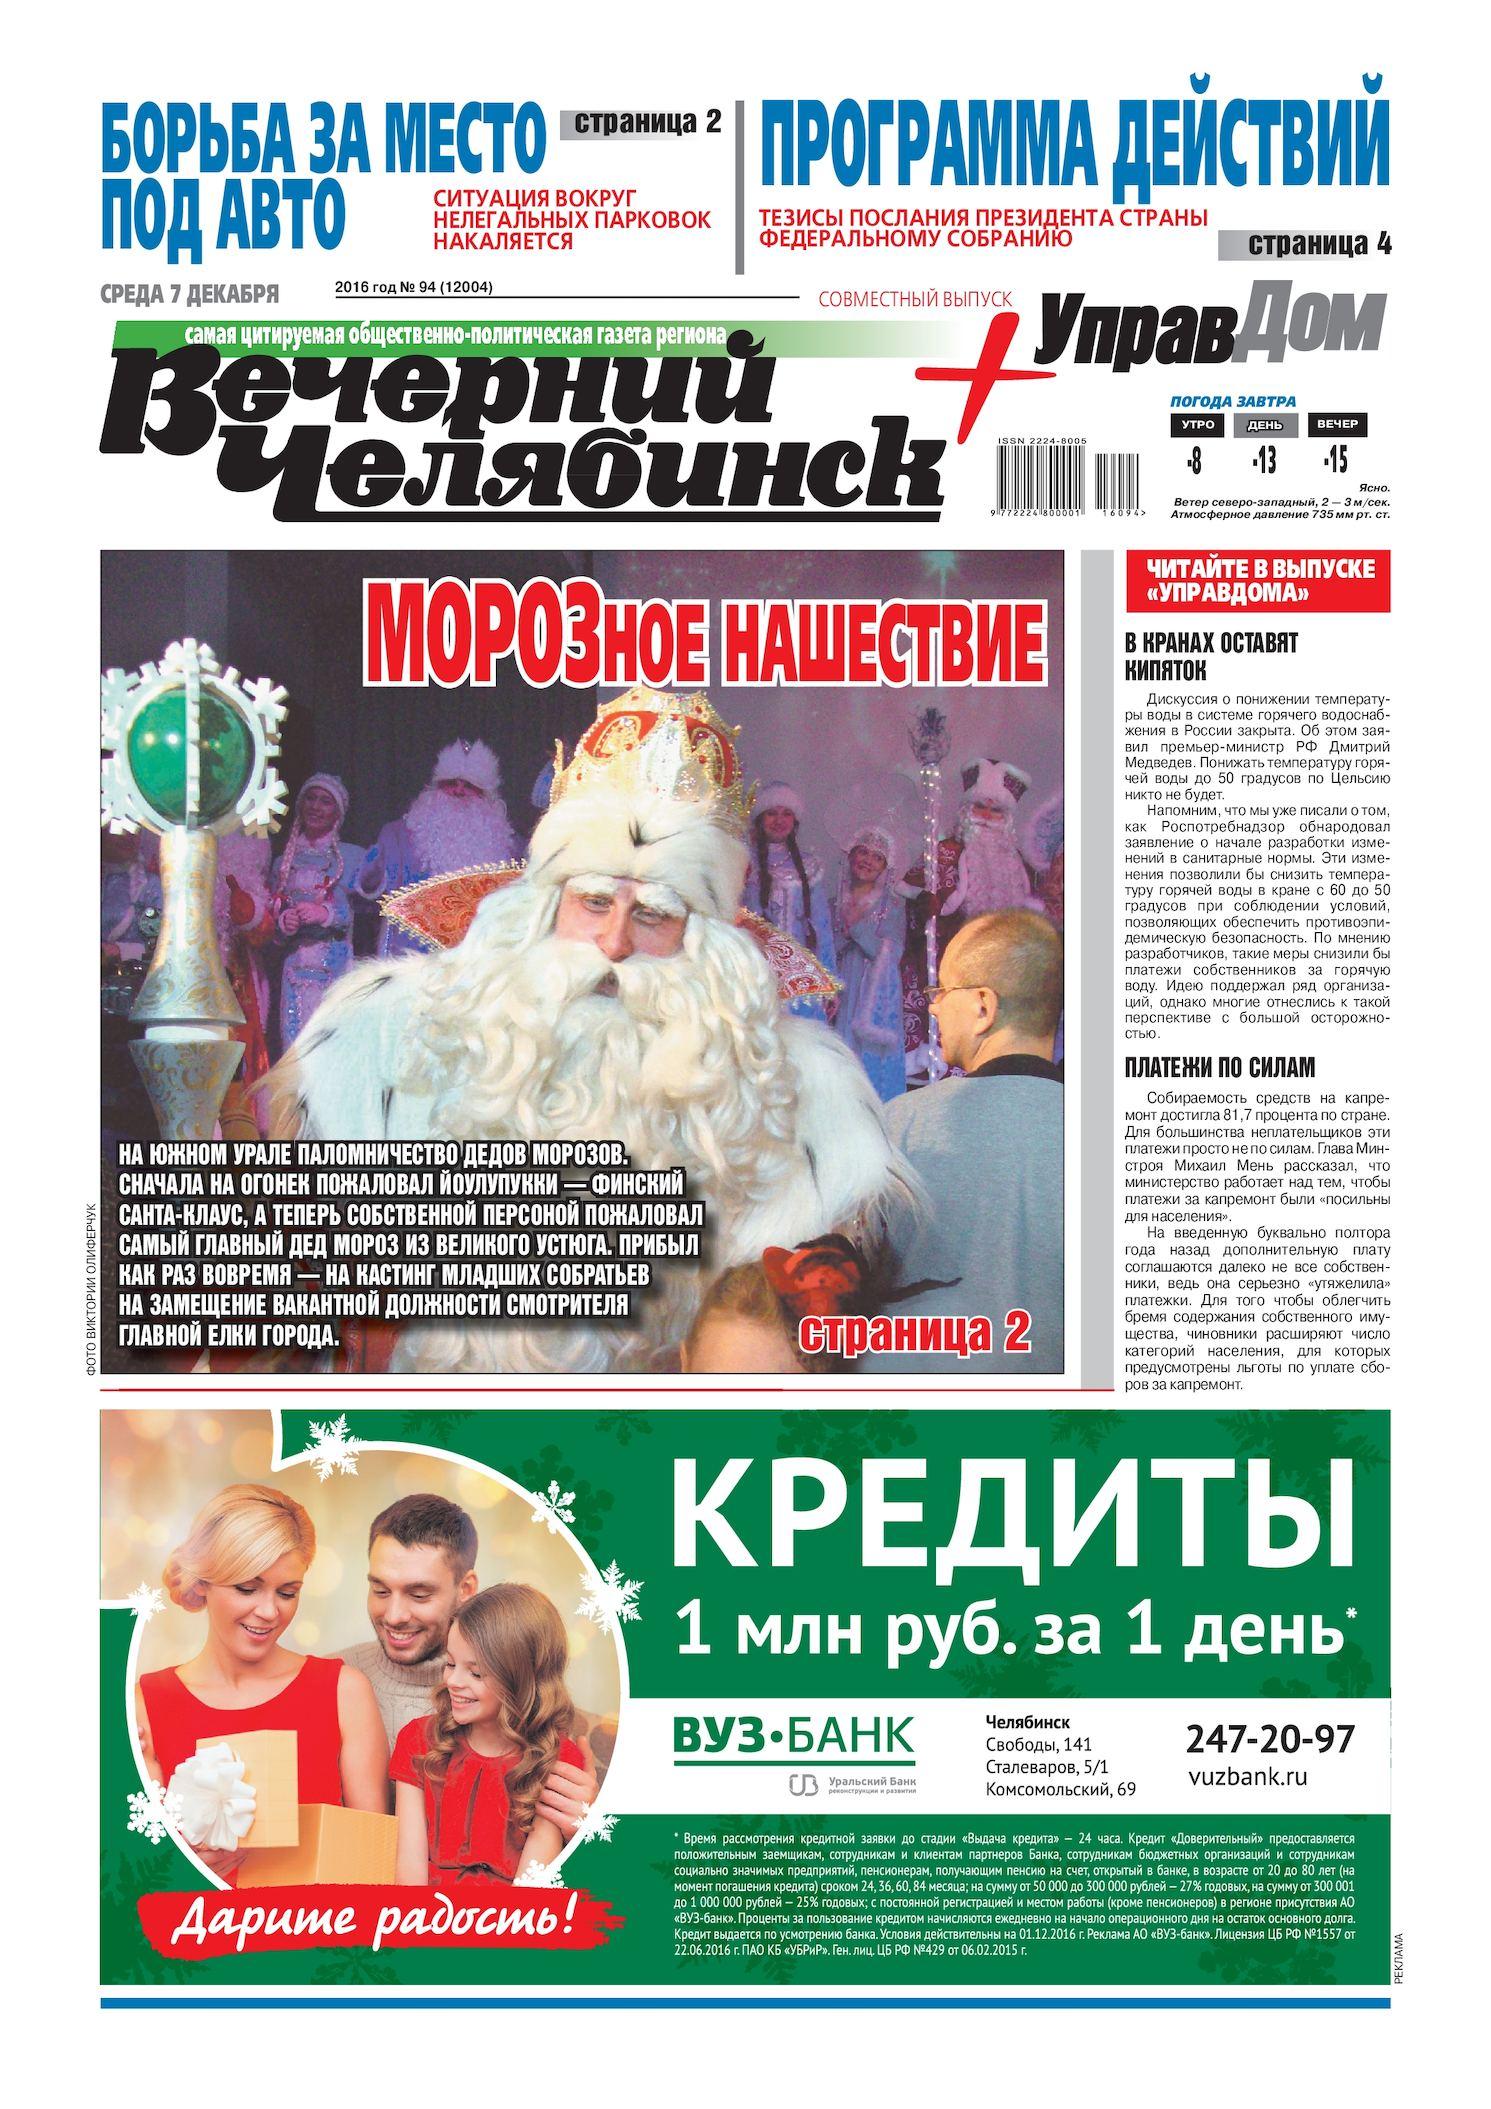 Срочный займ на карту круглосуточно vsemikrozaymy.ru